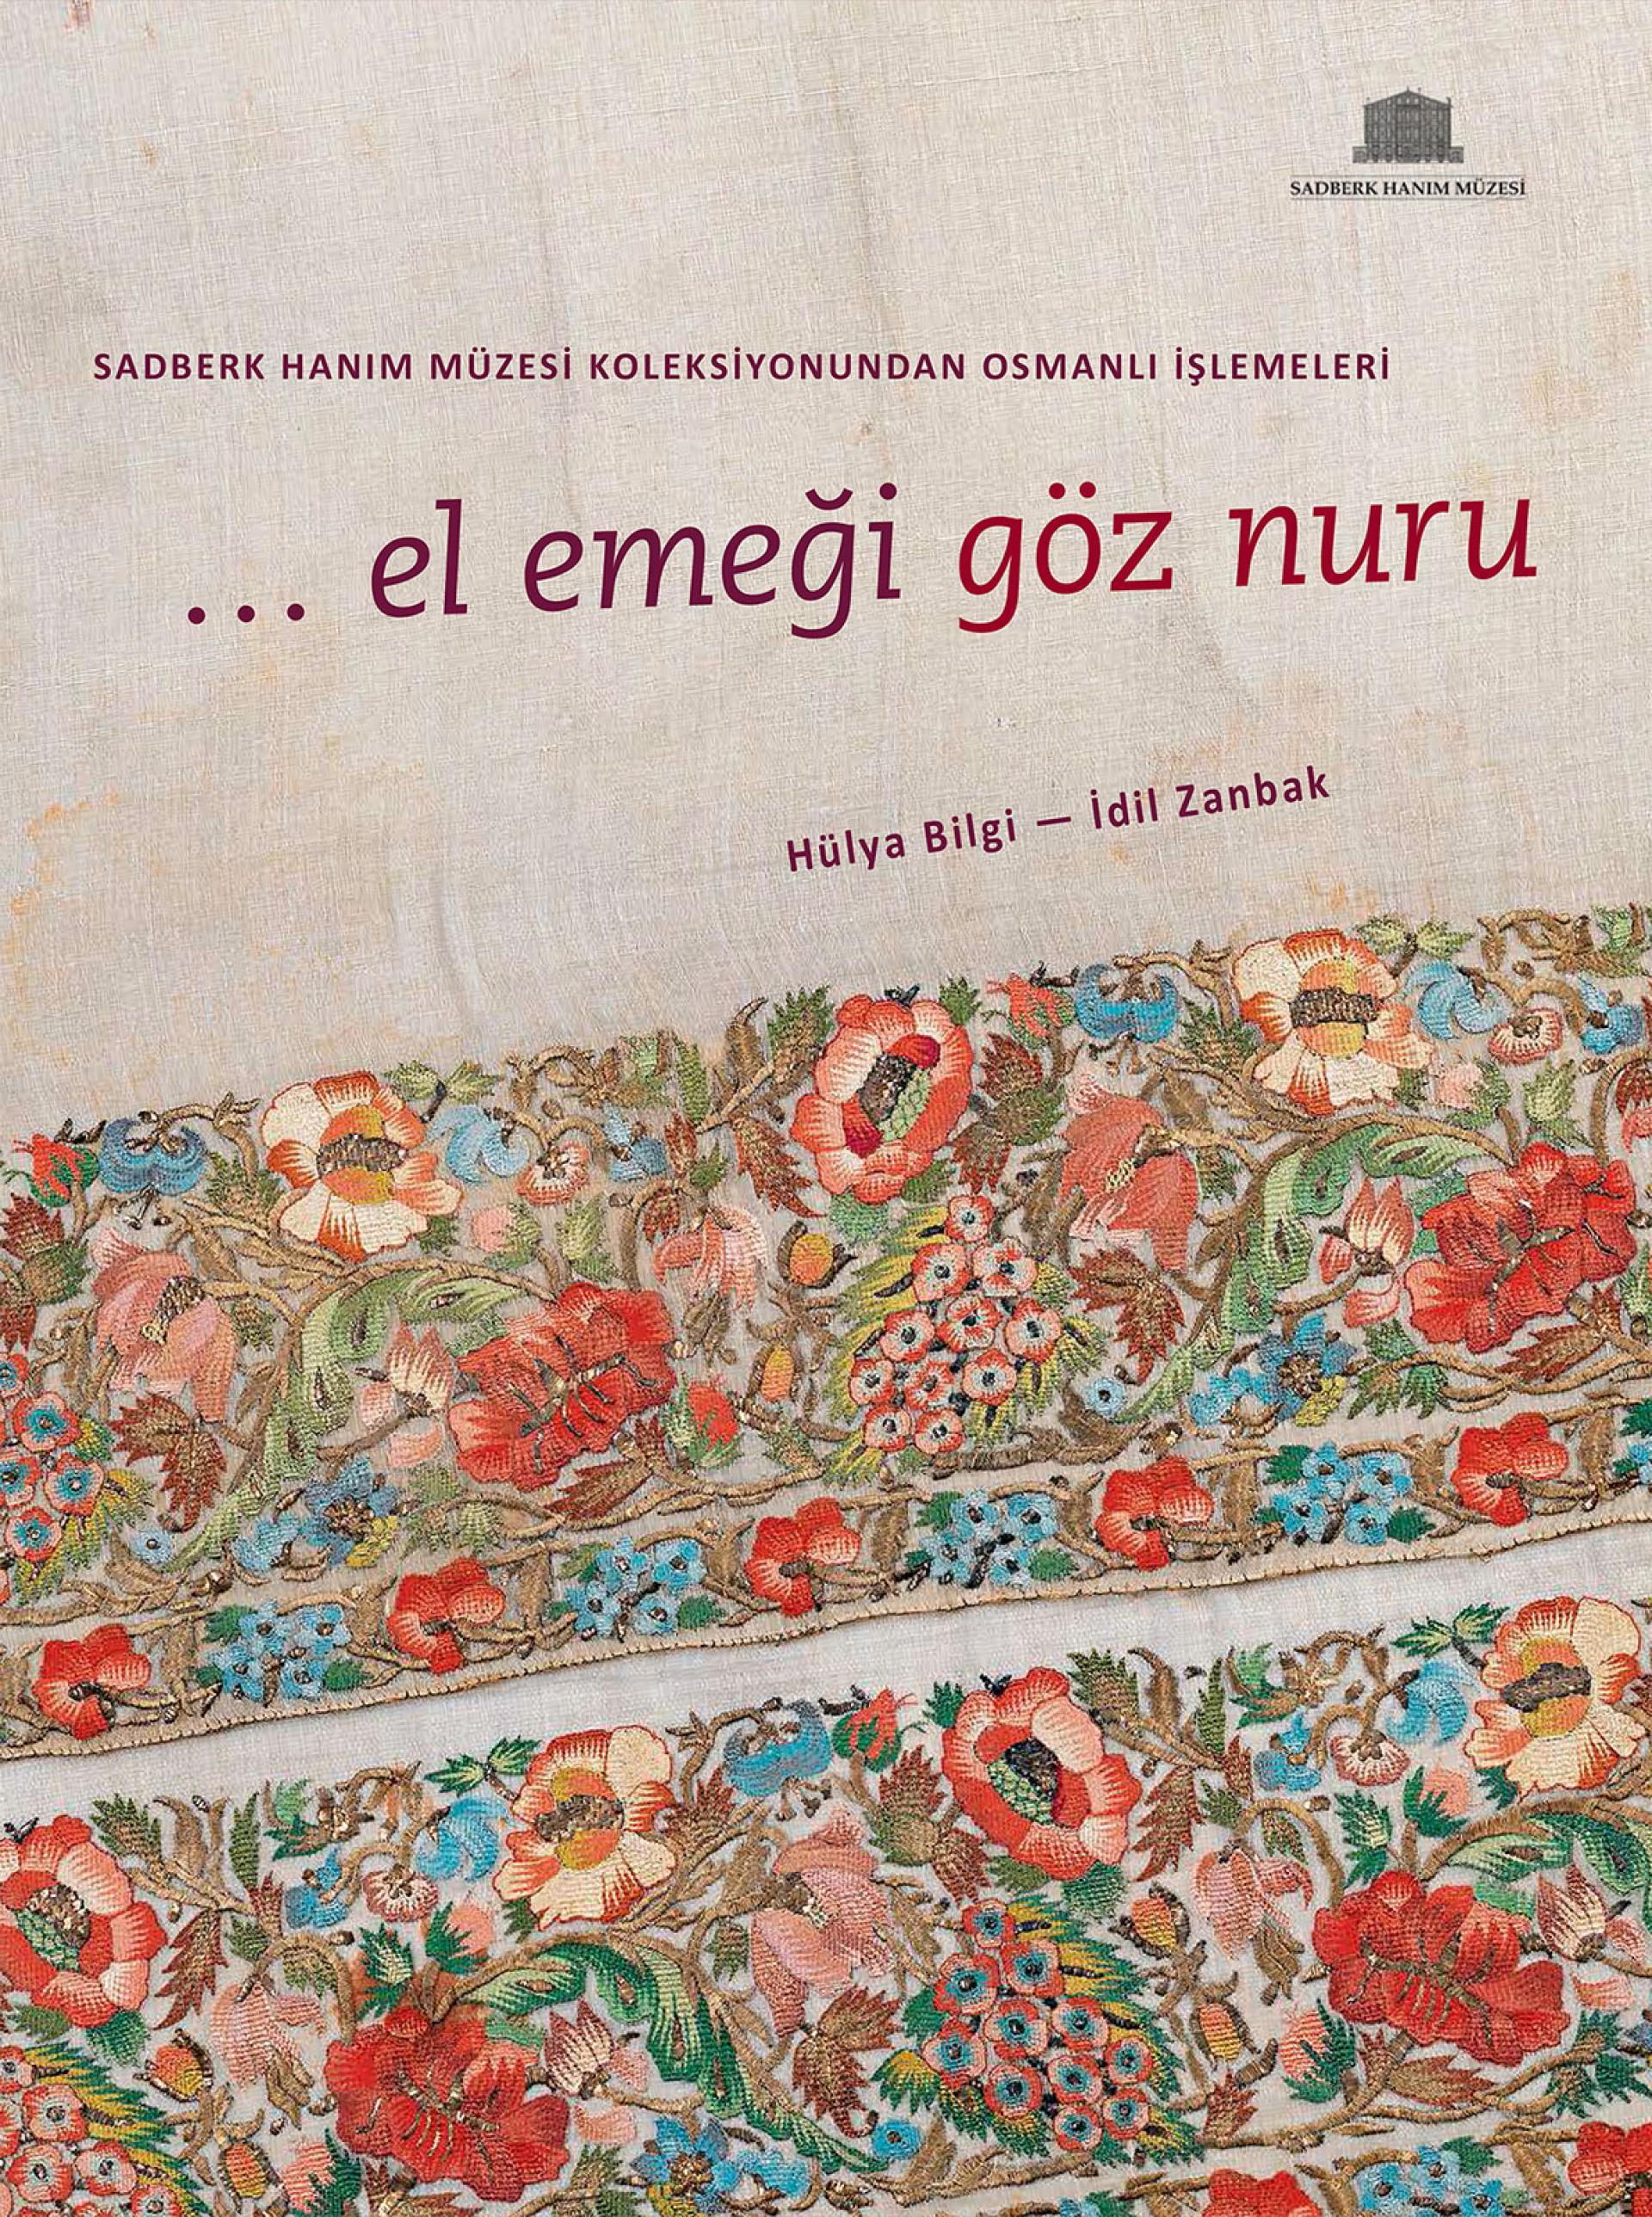 El Emeği Göz Nuru - Sadberk Hanım Müzesi Koleksiyonundan Osmanlı İşlemeleri - KİTAPLAR - Sadberk Hanım Müzesi